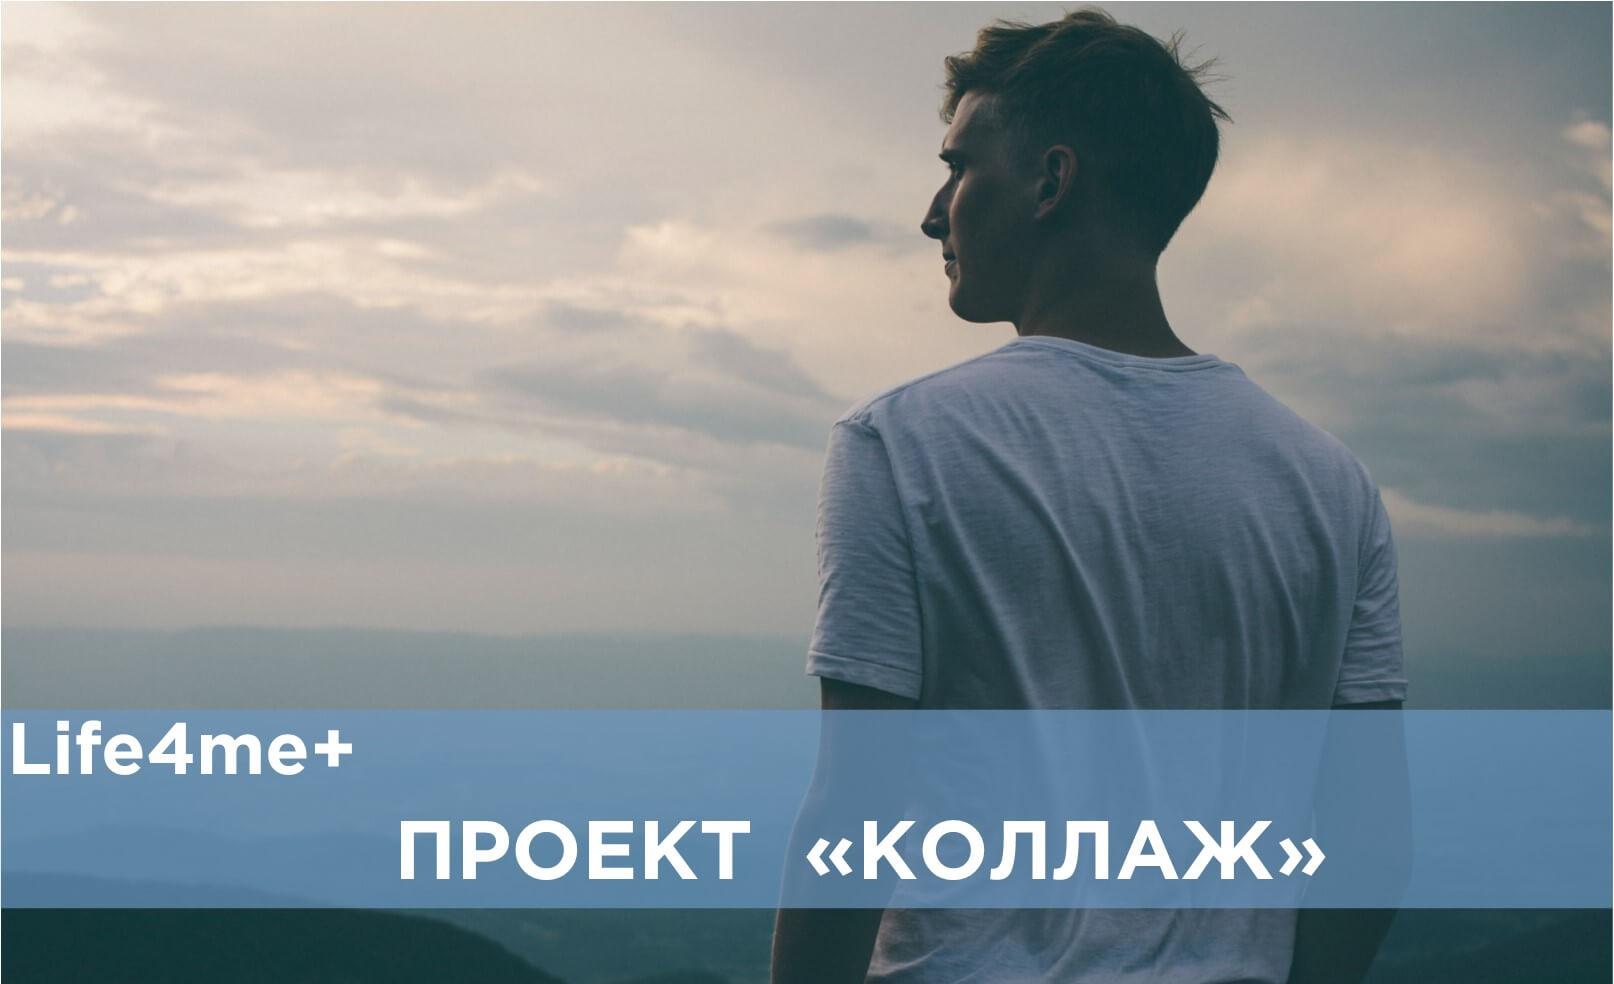 «Коллаж»: Александр Л, Калининград - изображение 1